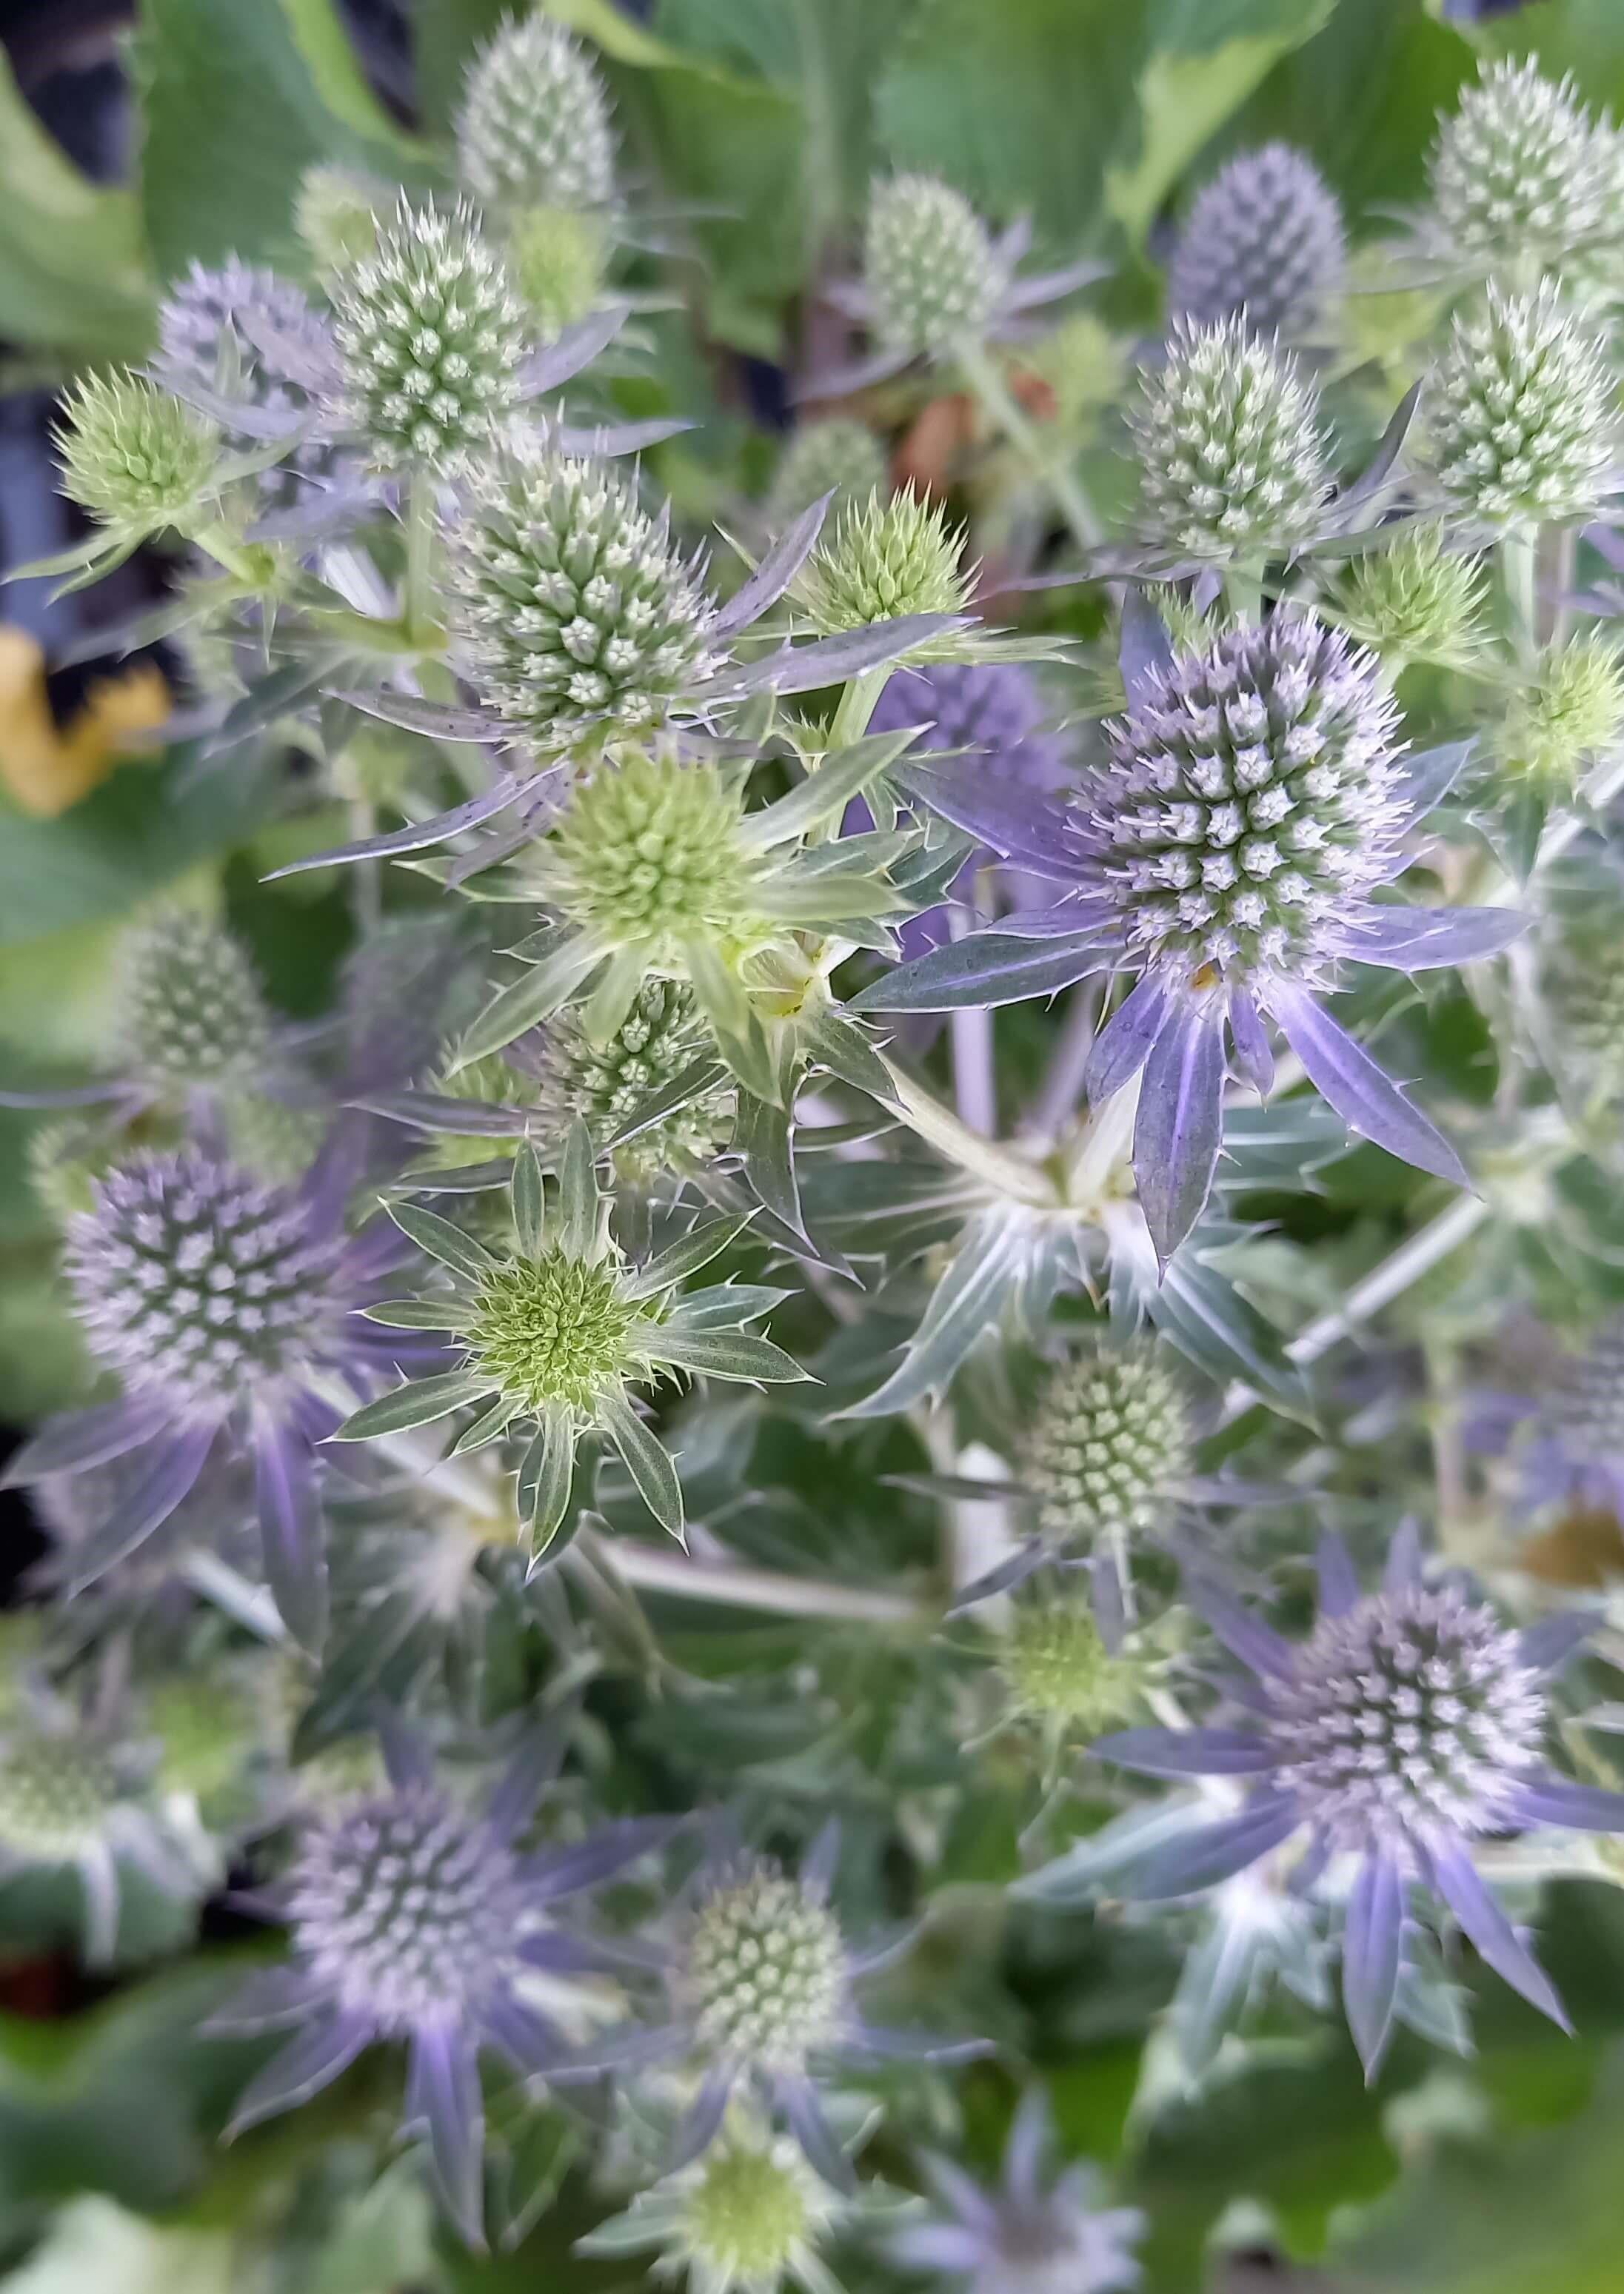 Flachblatt-Mannstreu (Eryngium planum) 'Blue Hobbit' T12 Edeldistel - winterhart